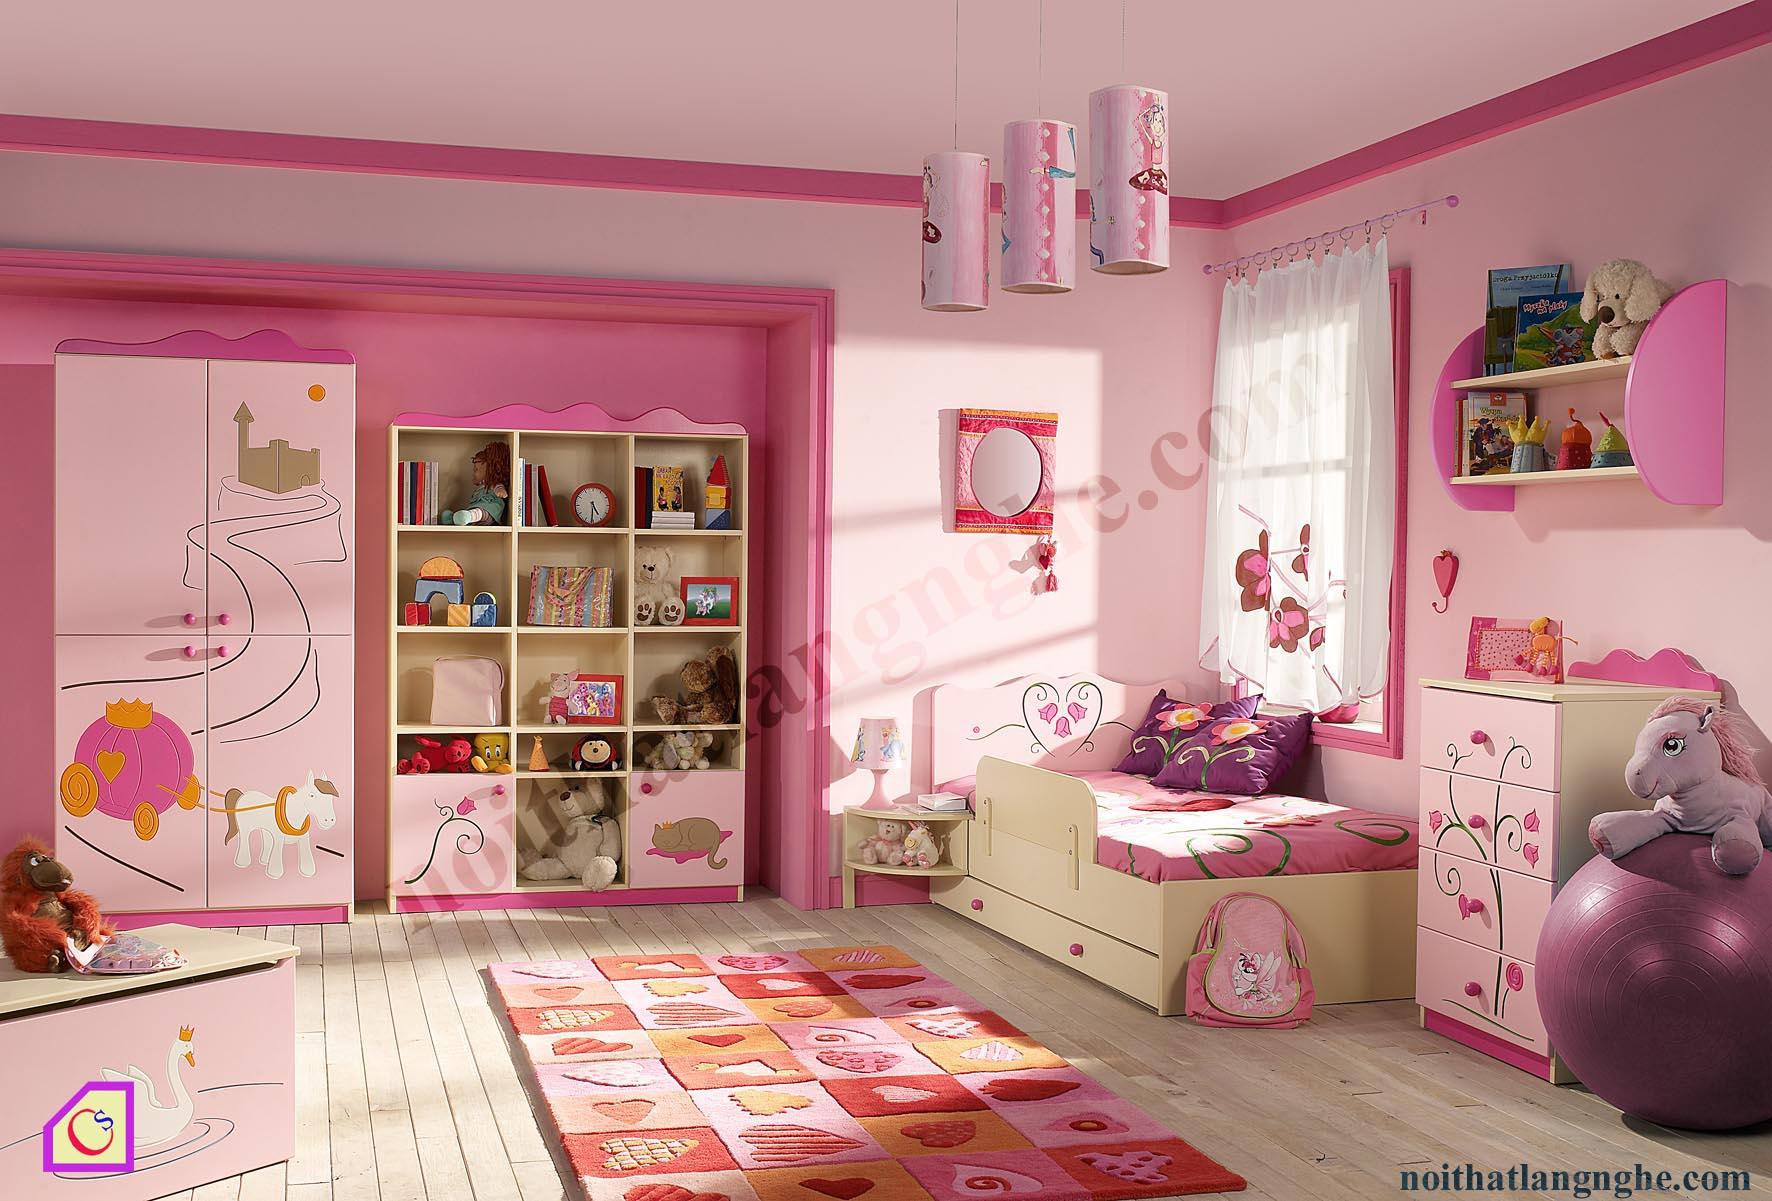 Bộ phòng ngủ cho bé PNT_21